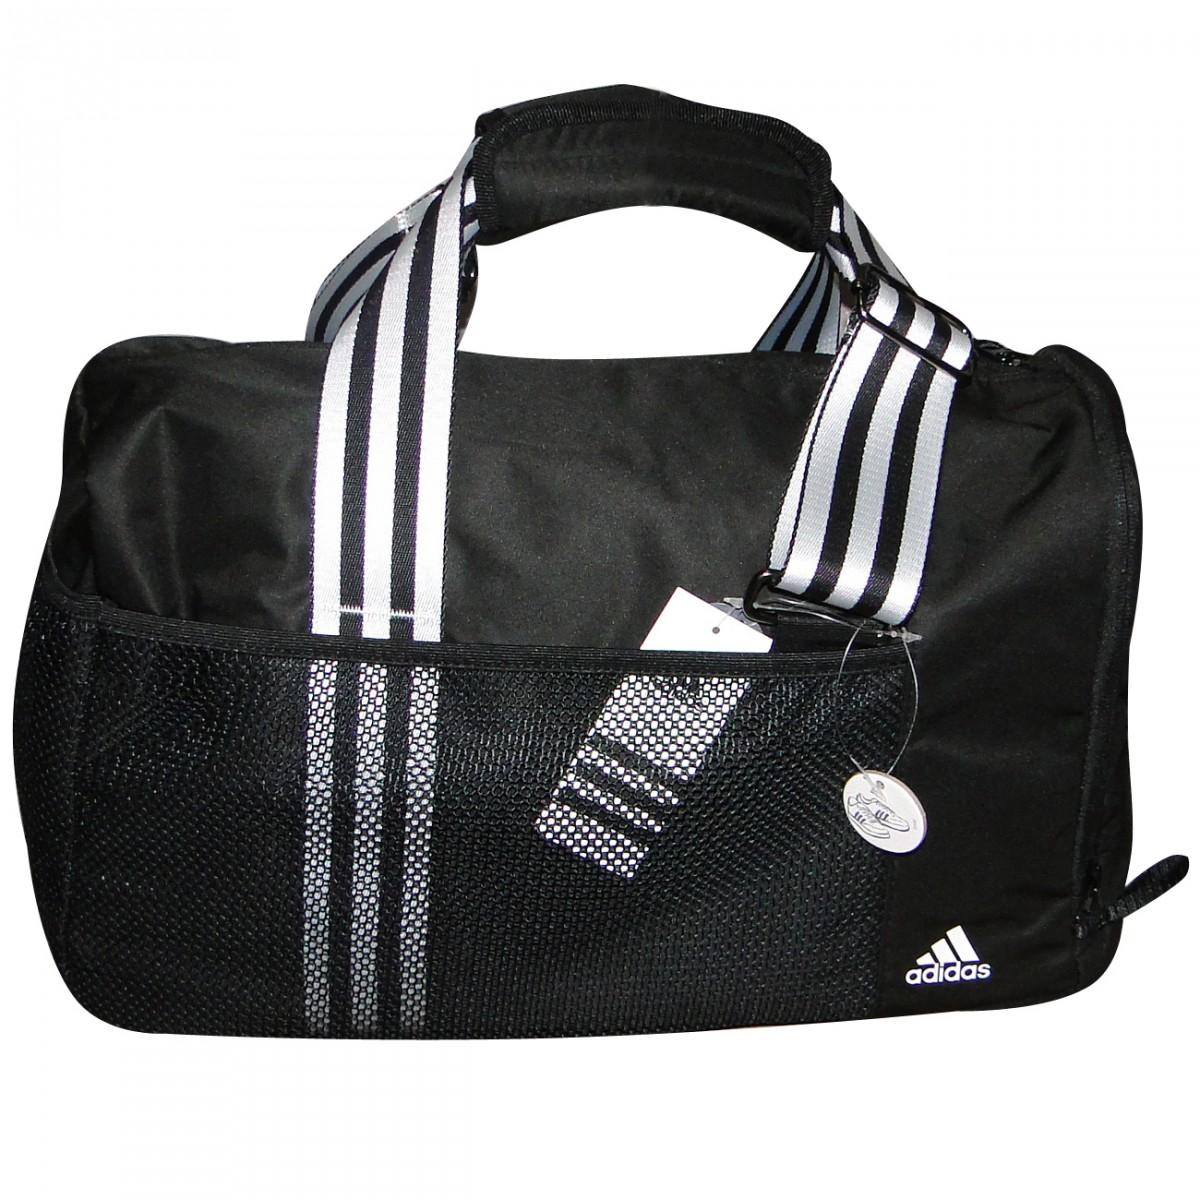 Bolsa Adidas W Cc TrTb S W64070 - Preto Branco - Chuteira Nike ... 6cc768db70e